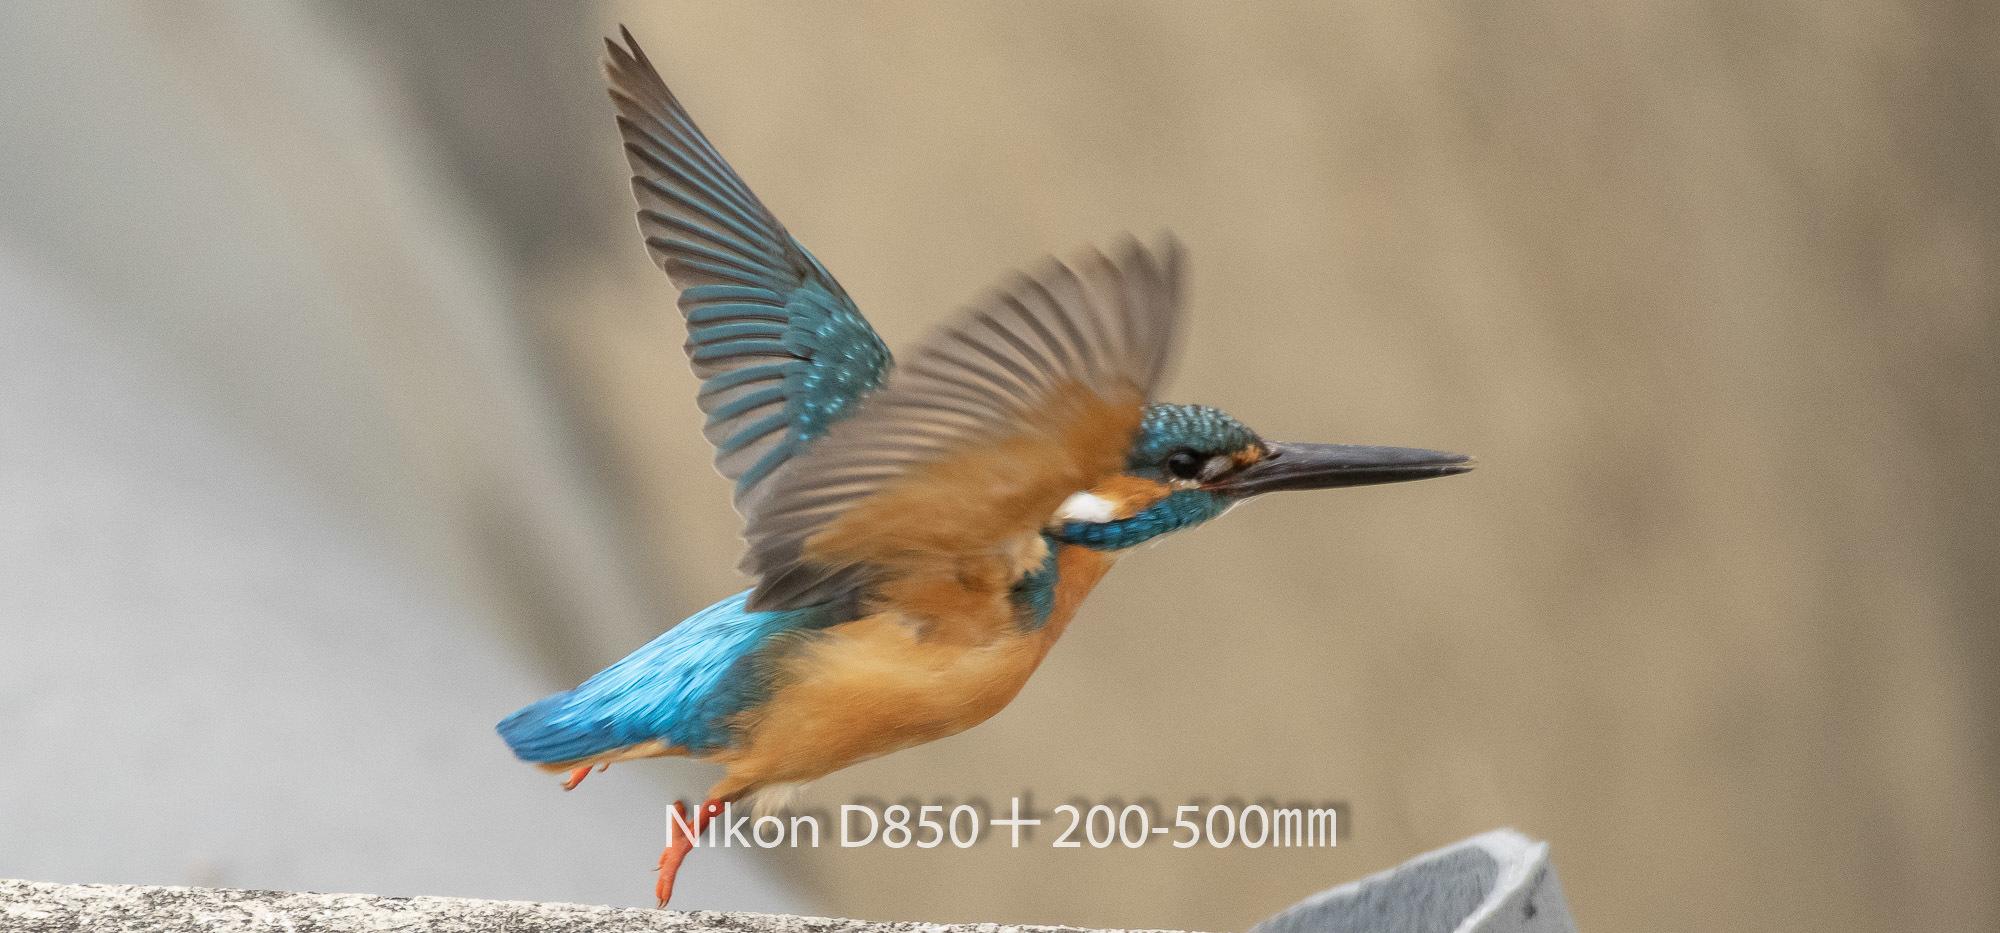 190331 カワセミ-07 NIKON D850 ISO 1400 500 mm 3923 x 1831